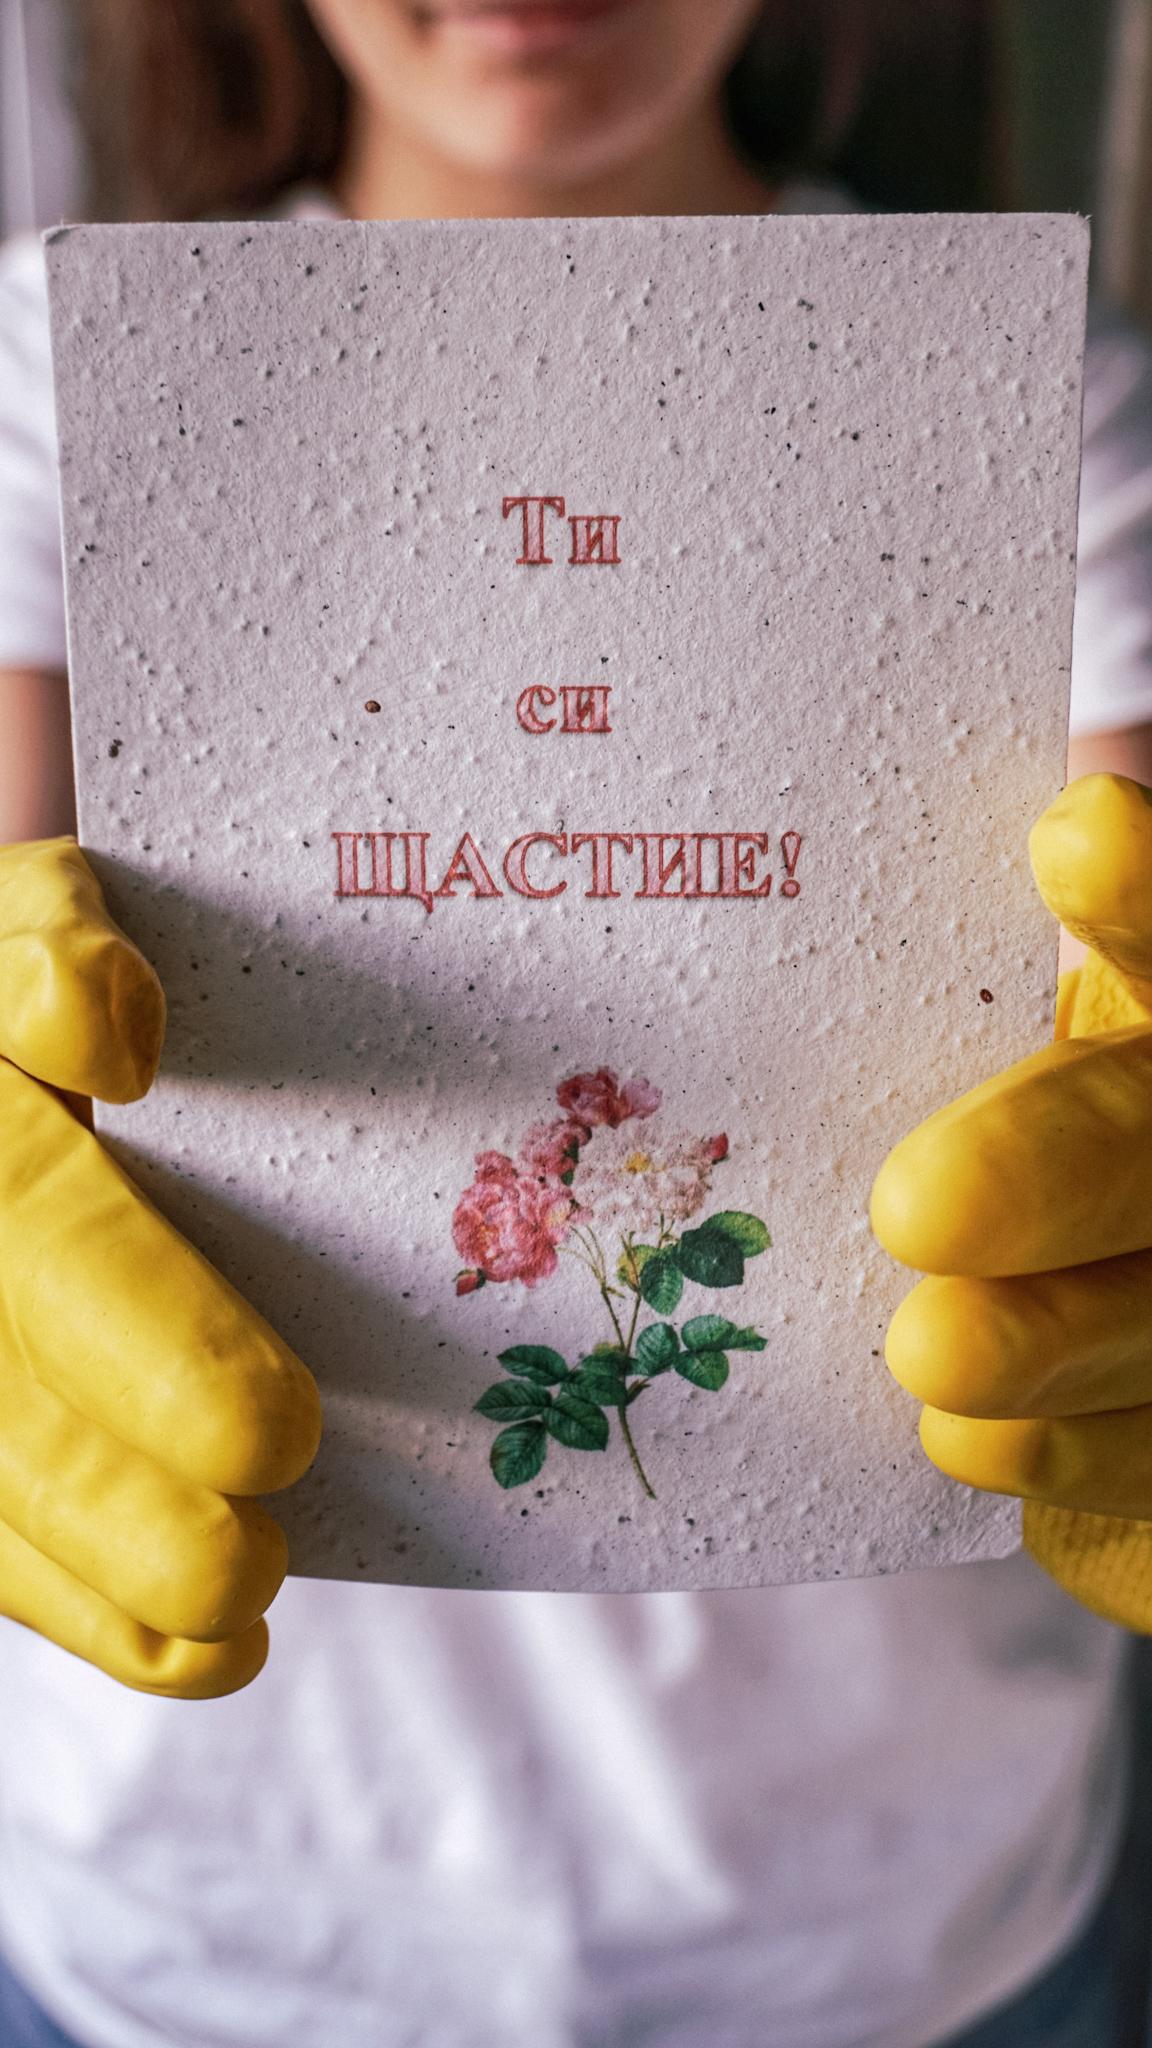 Картичка за засаждане Ти си Щастие (със семена от мак)-2